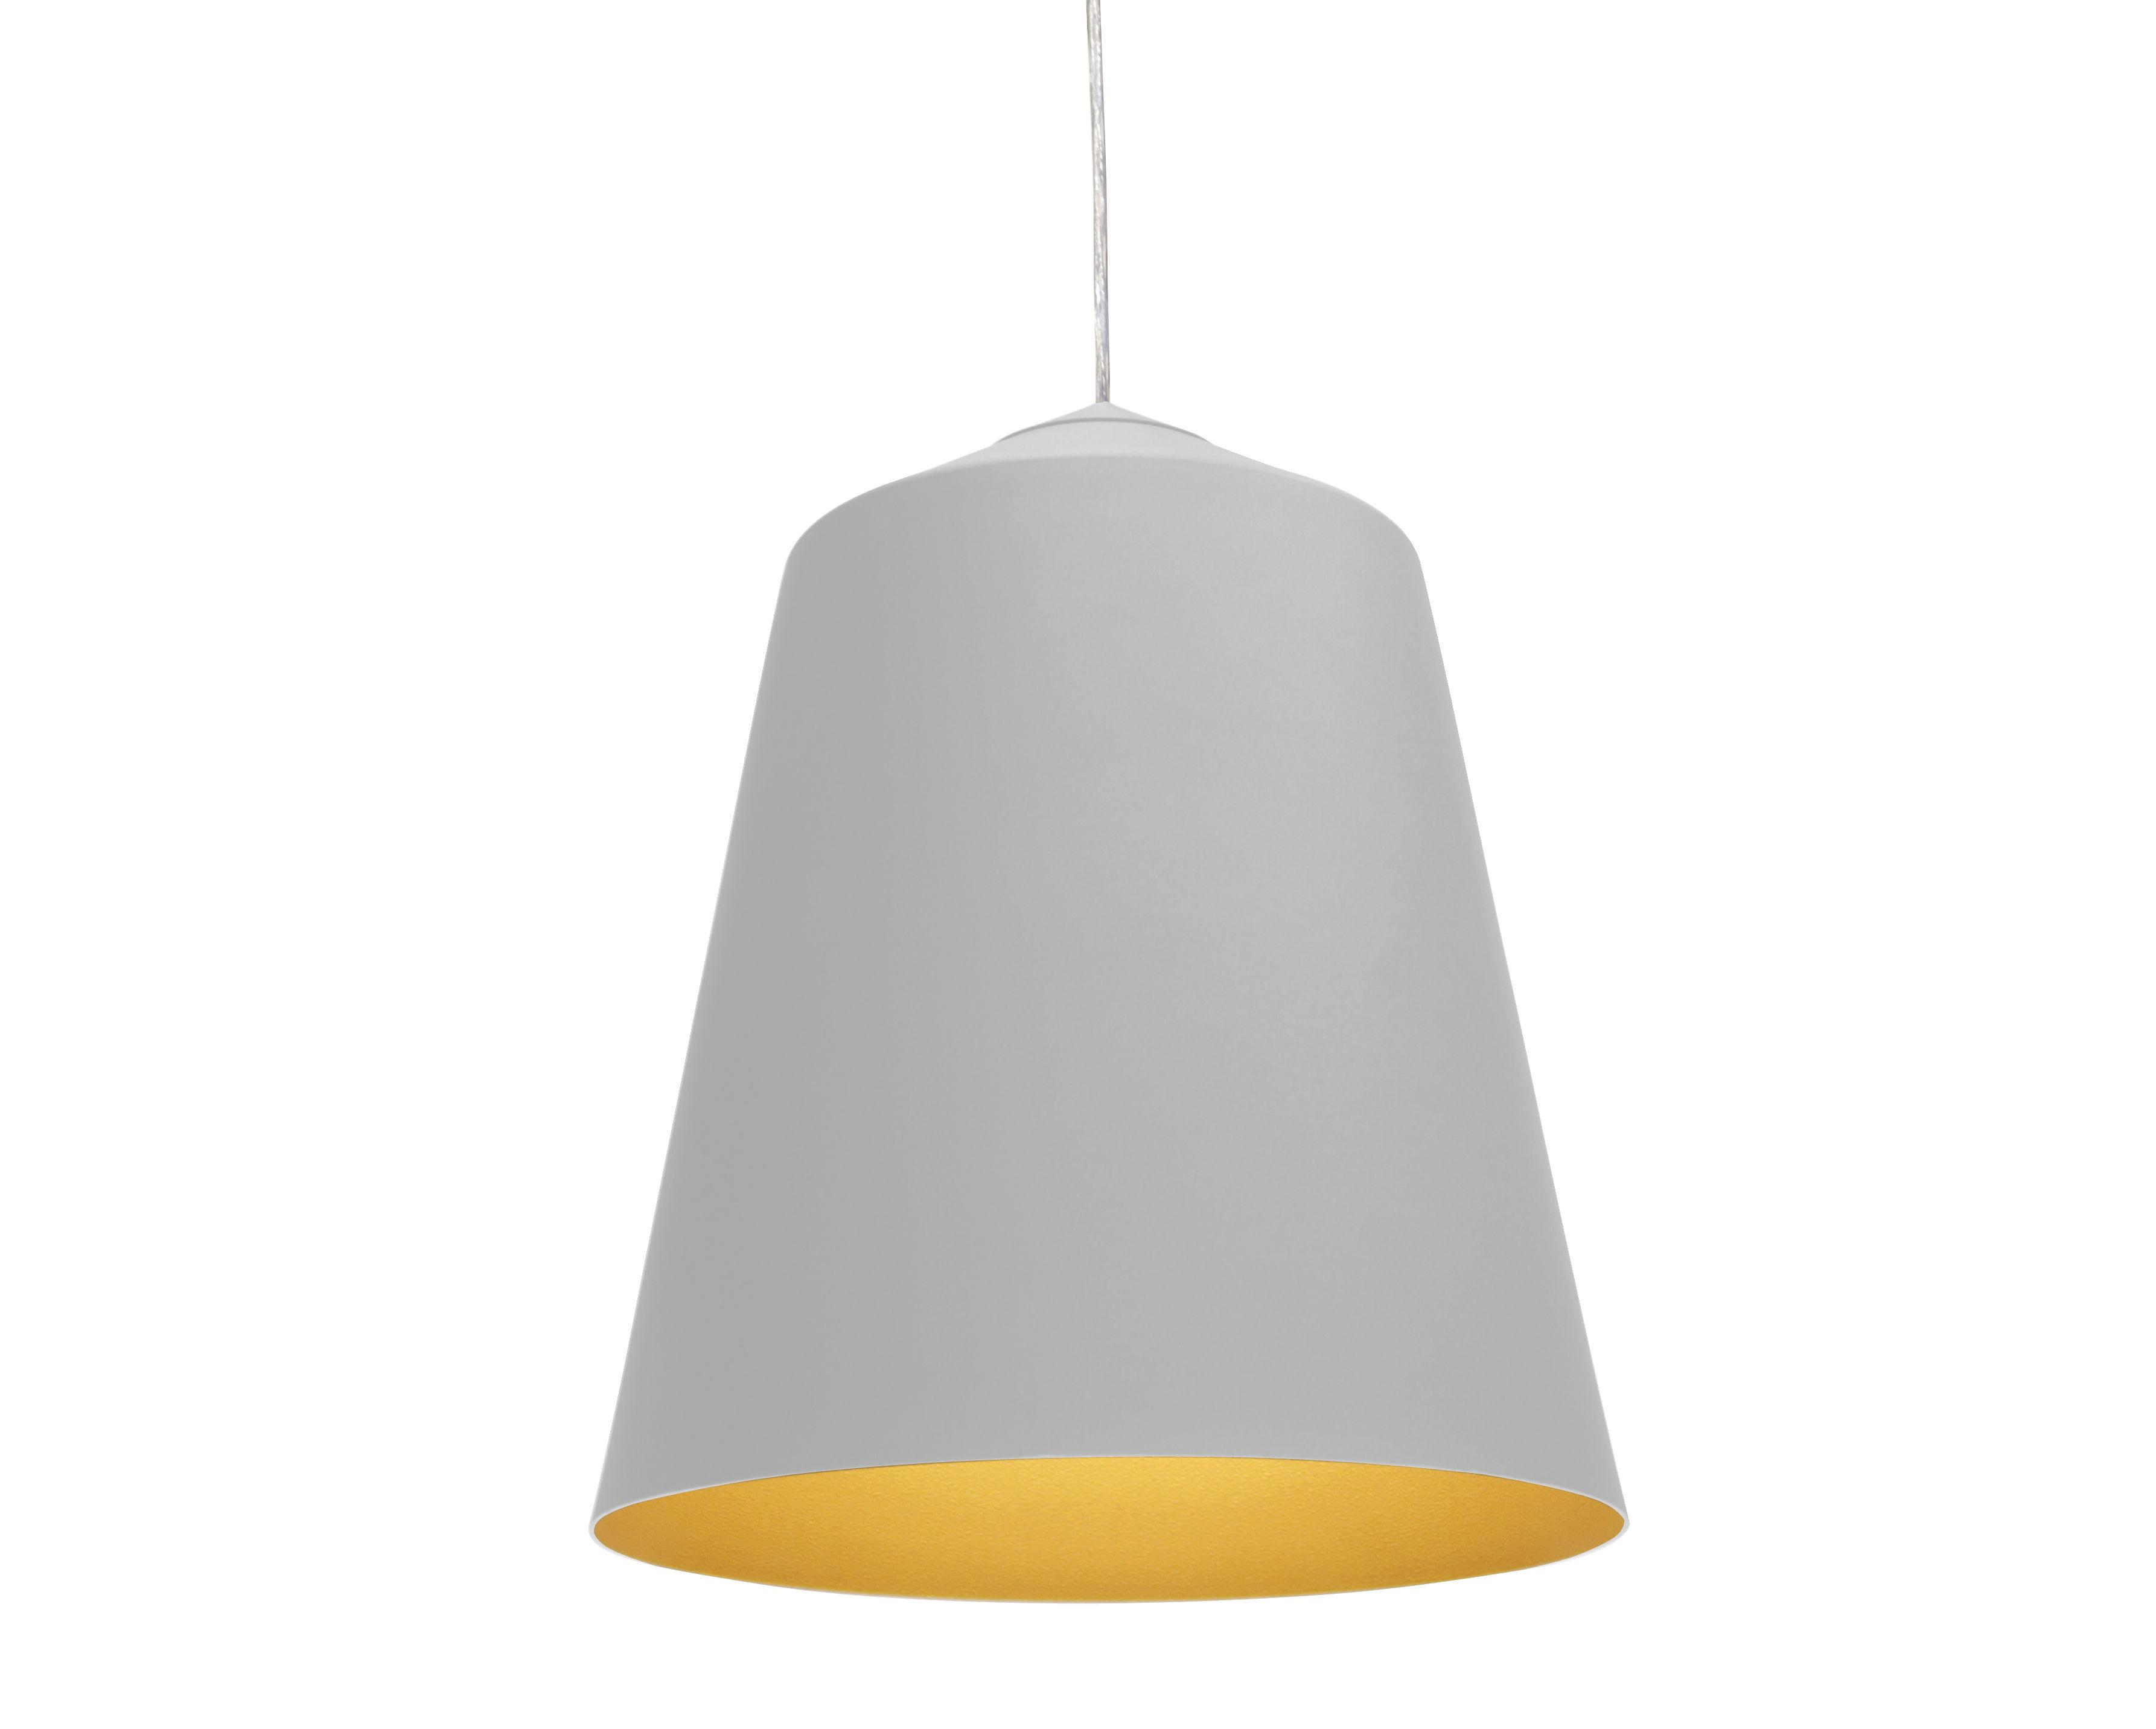 Illuminazione - Lampadari - Sospensione Circus Medium - Ø 56 x H 31 cm di Innermost - Bianco opaco / Interno dorato - Alluminio